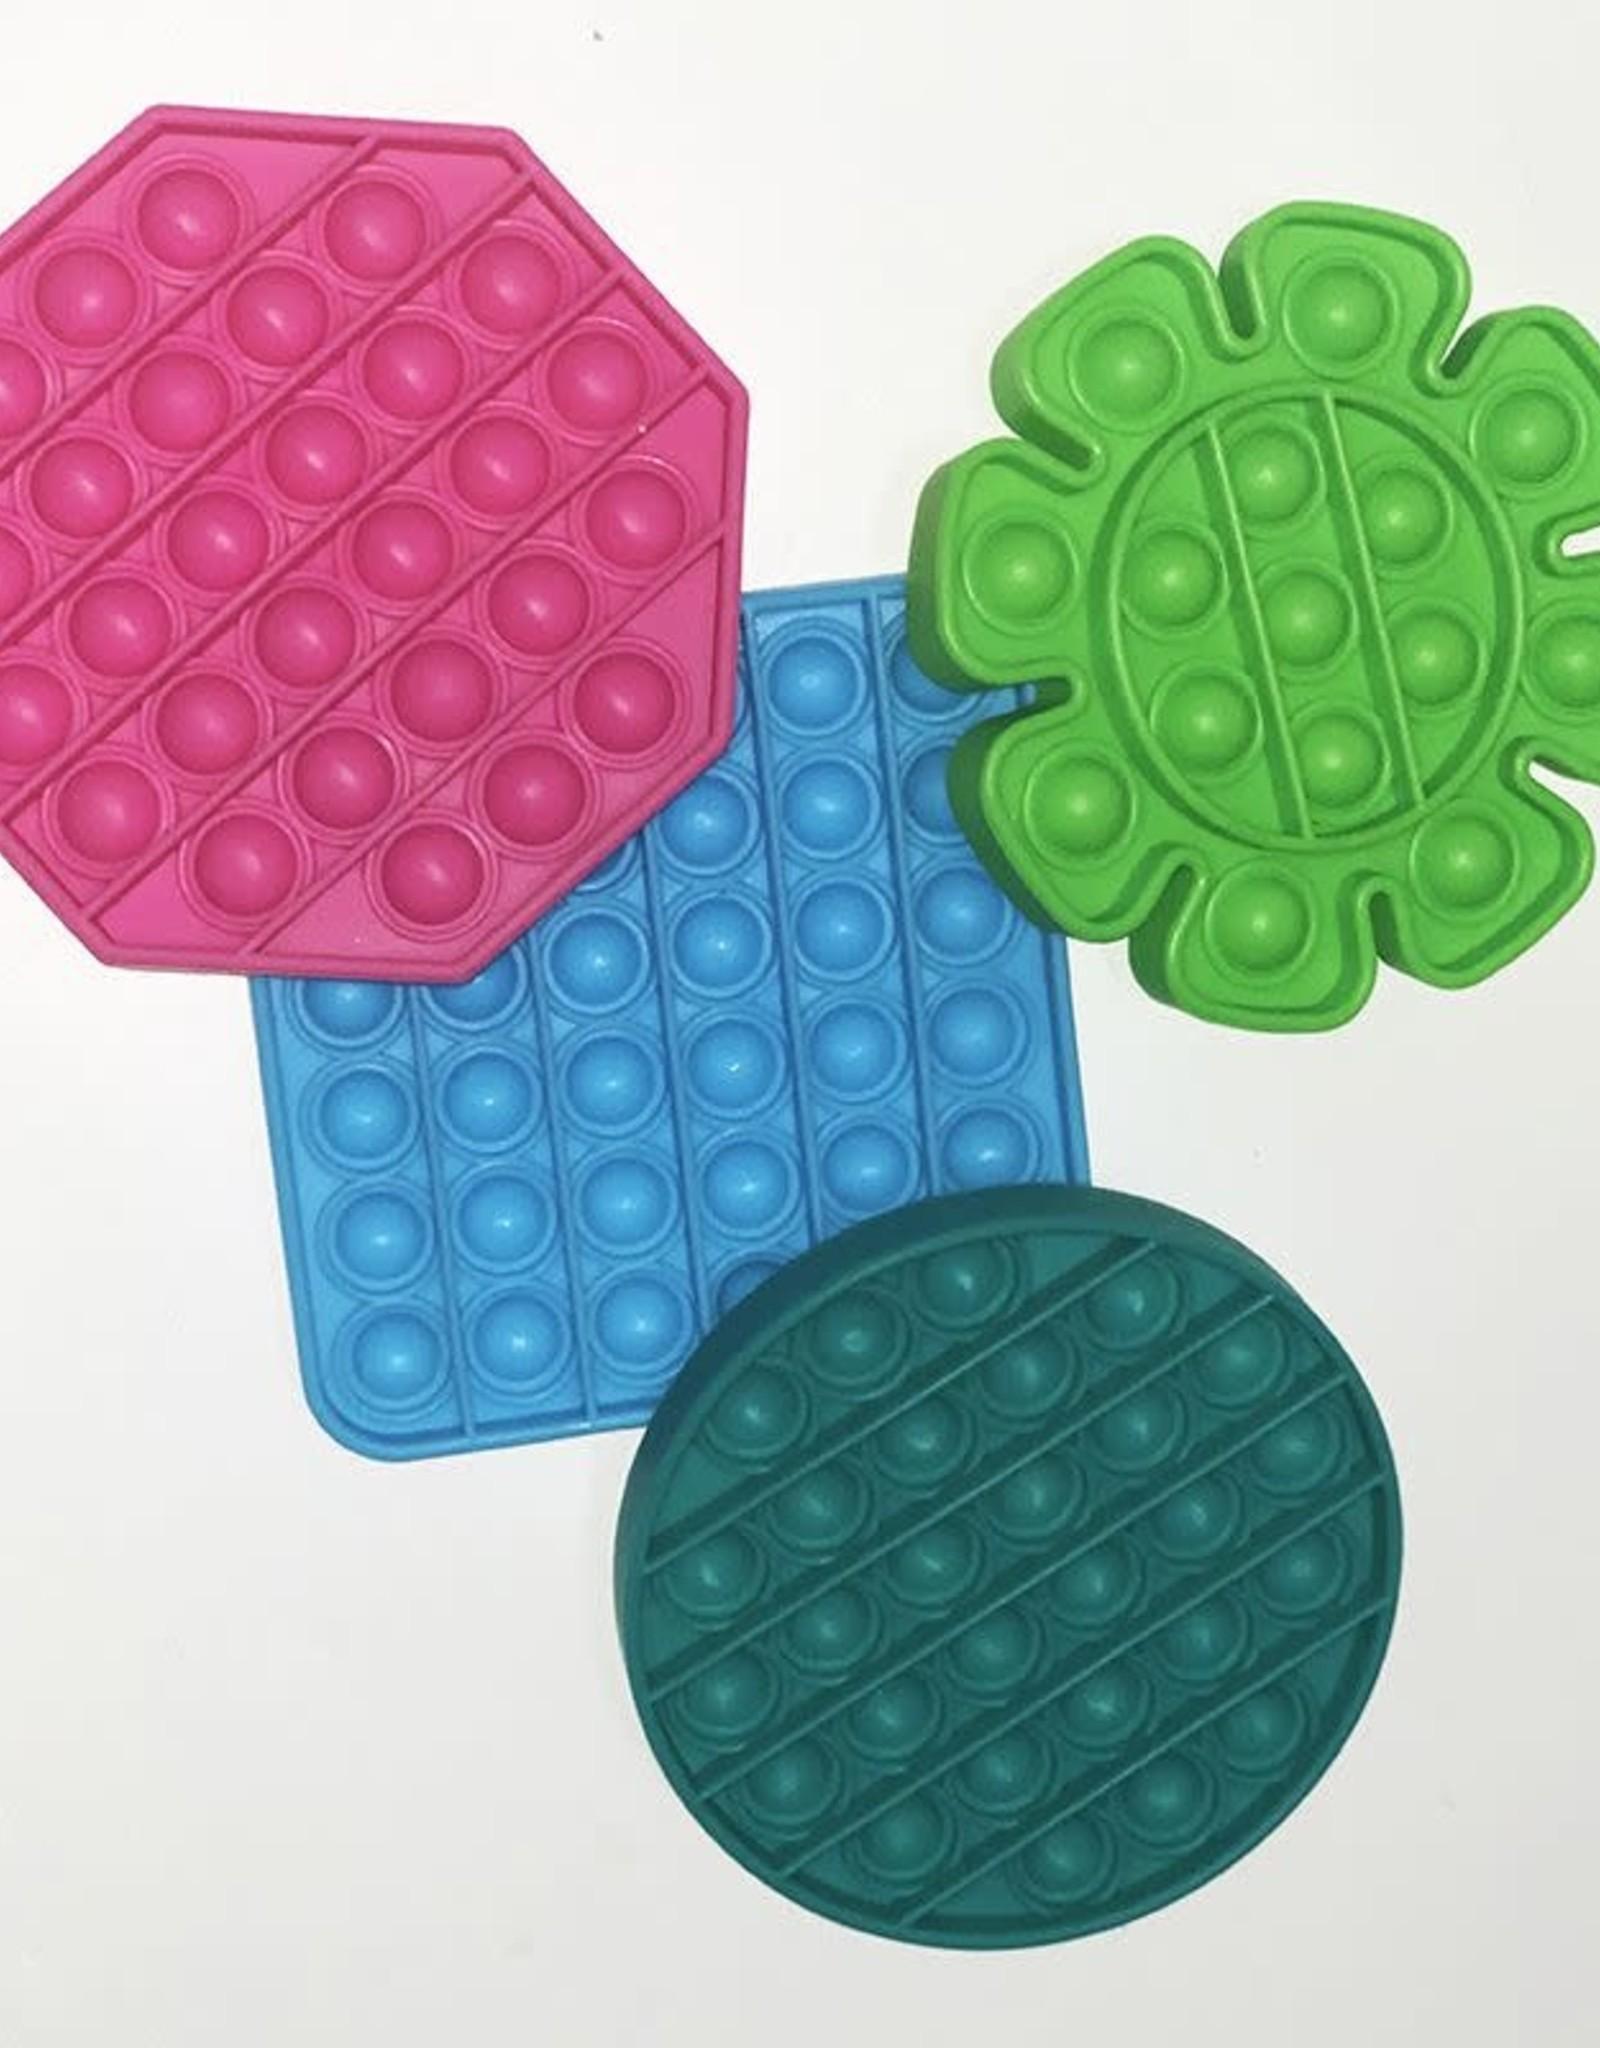 Komarc Games Pressit!Thinking Toy, Circle